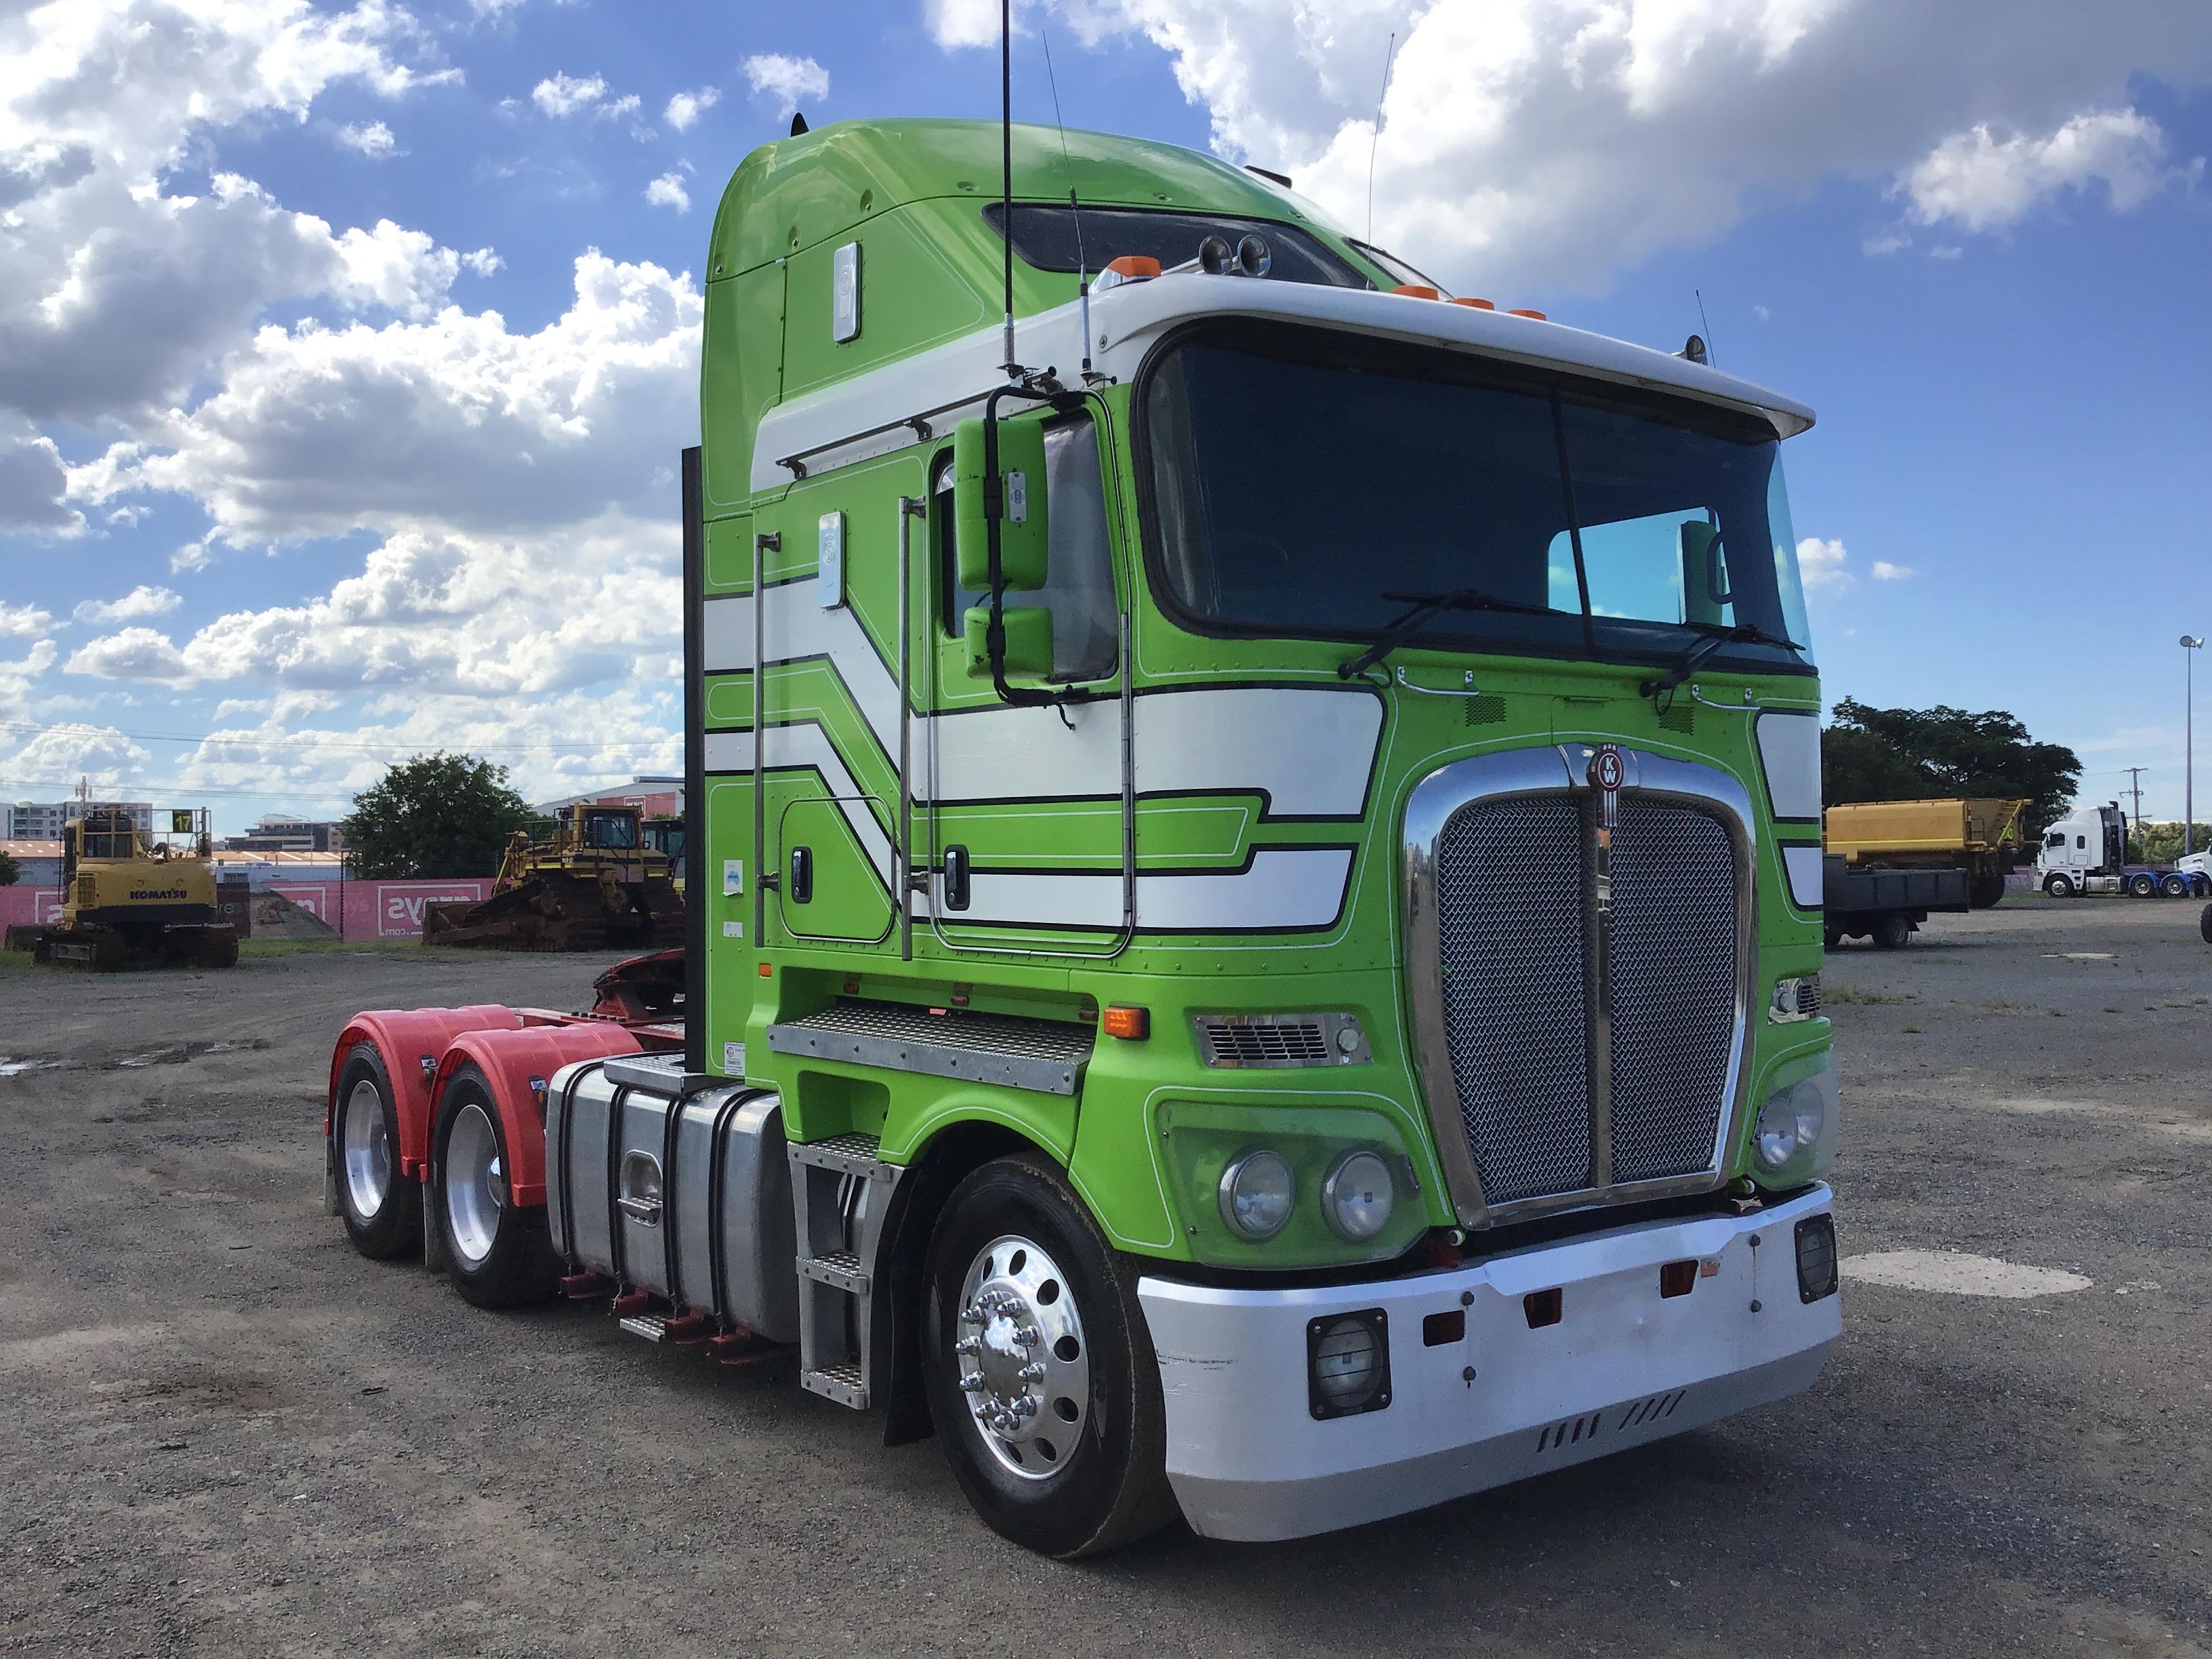 2013 Kenworth K 200 (Ex Fleet) 6 x 4 Prime Mover Truck